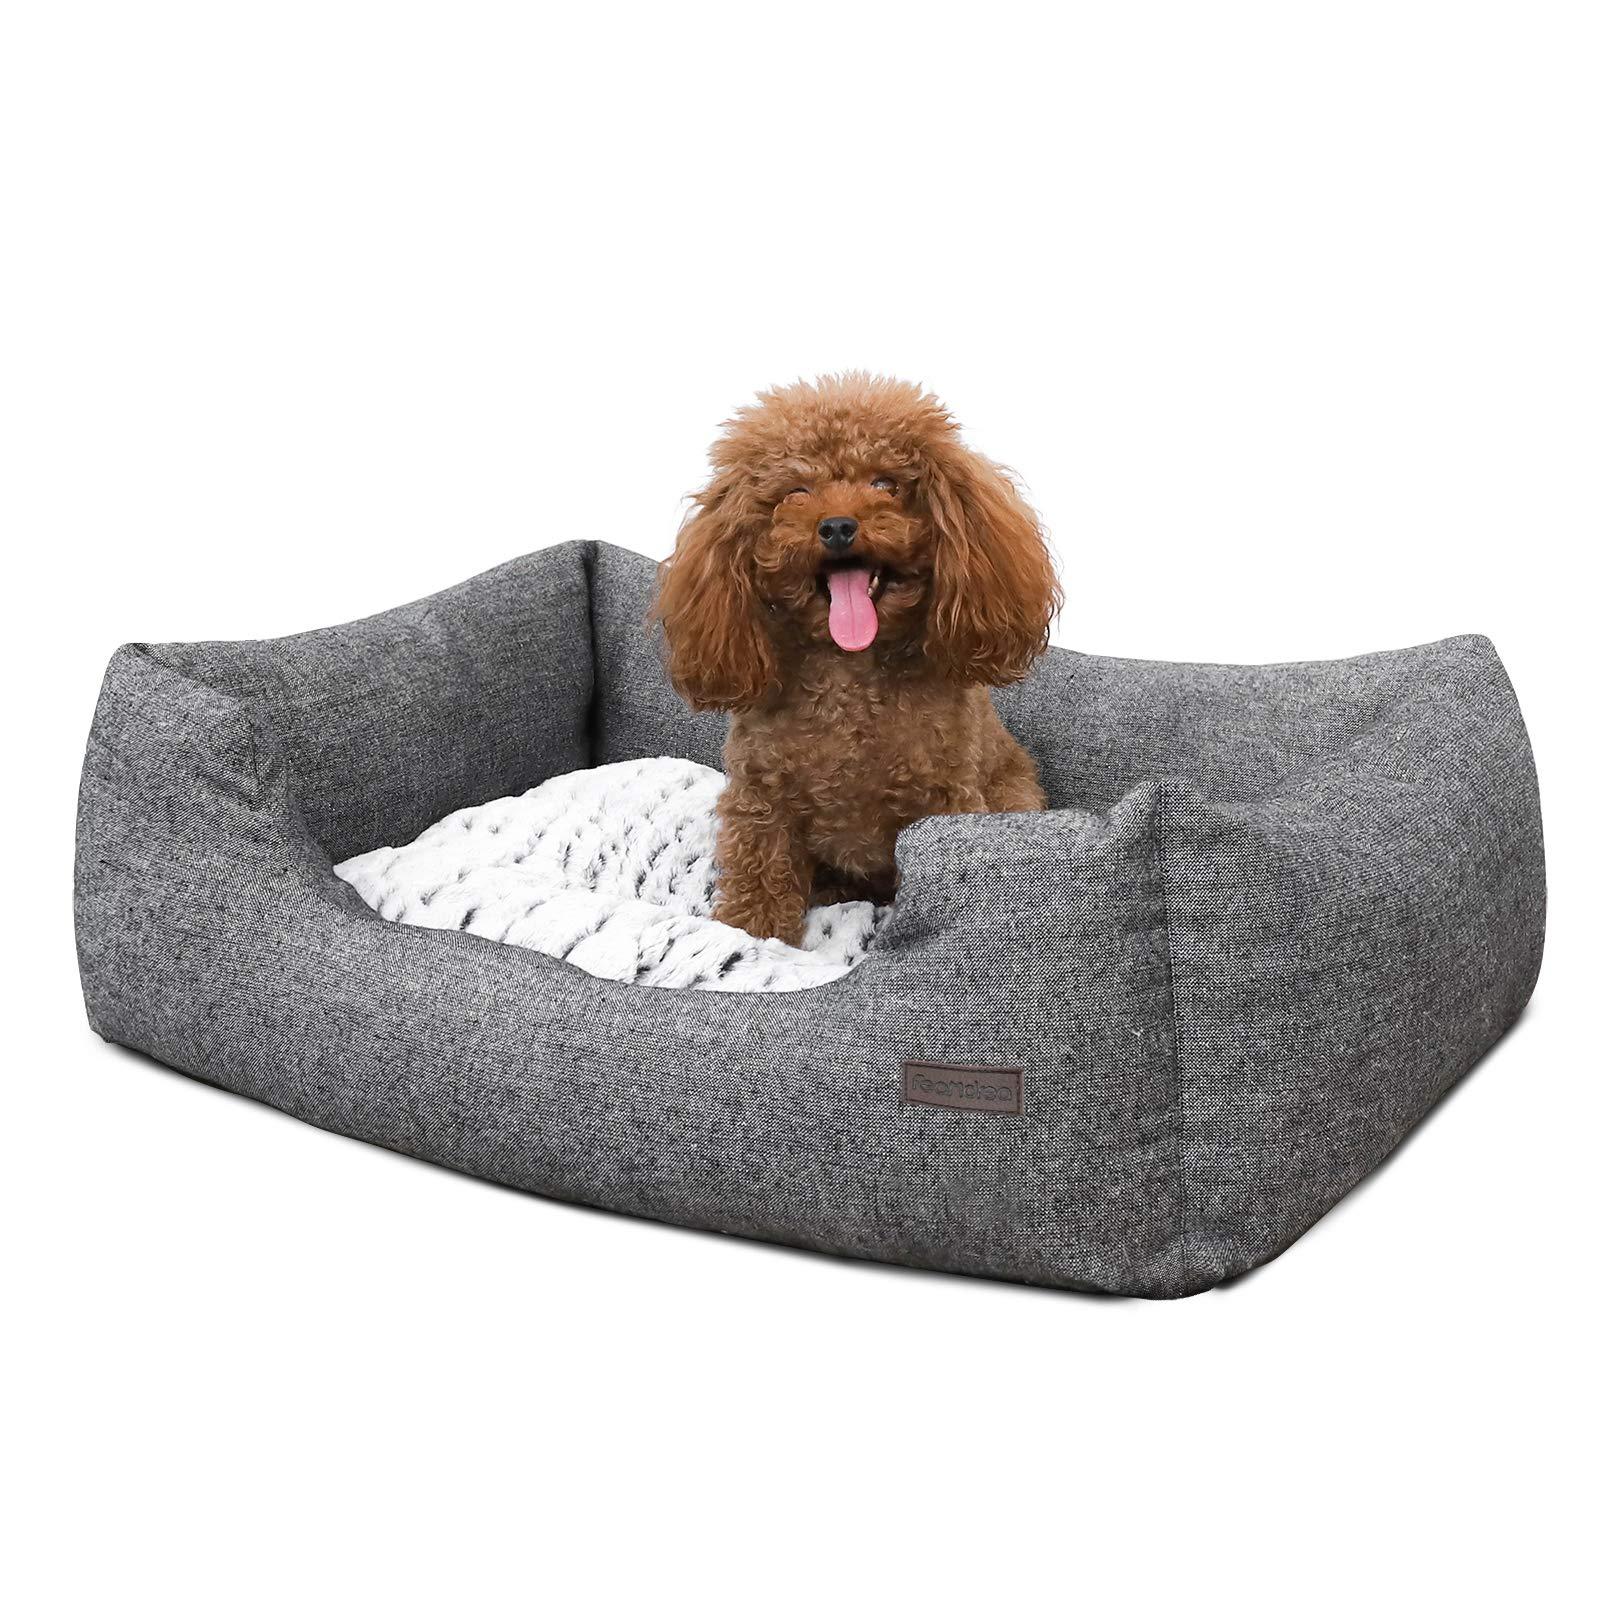 FEANDREA Cómoda Casa para Mascotas, Cama para Perros Perrera de Tamaño S, Dimensiones externas